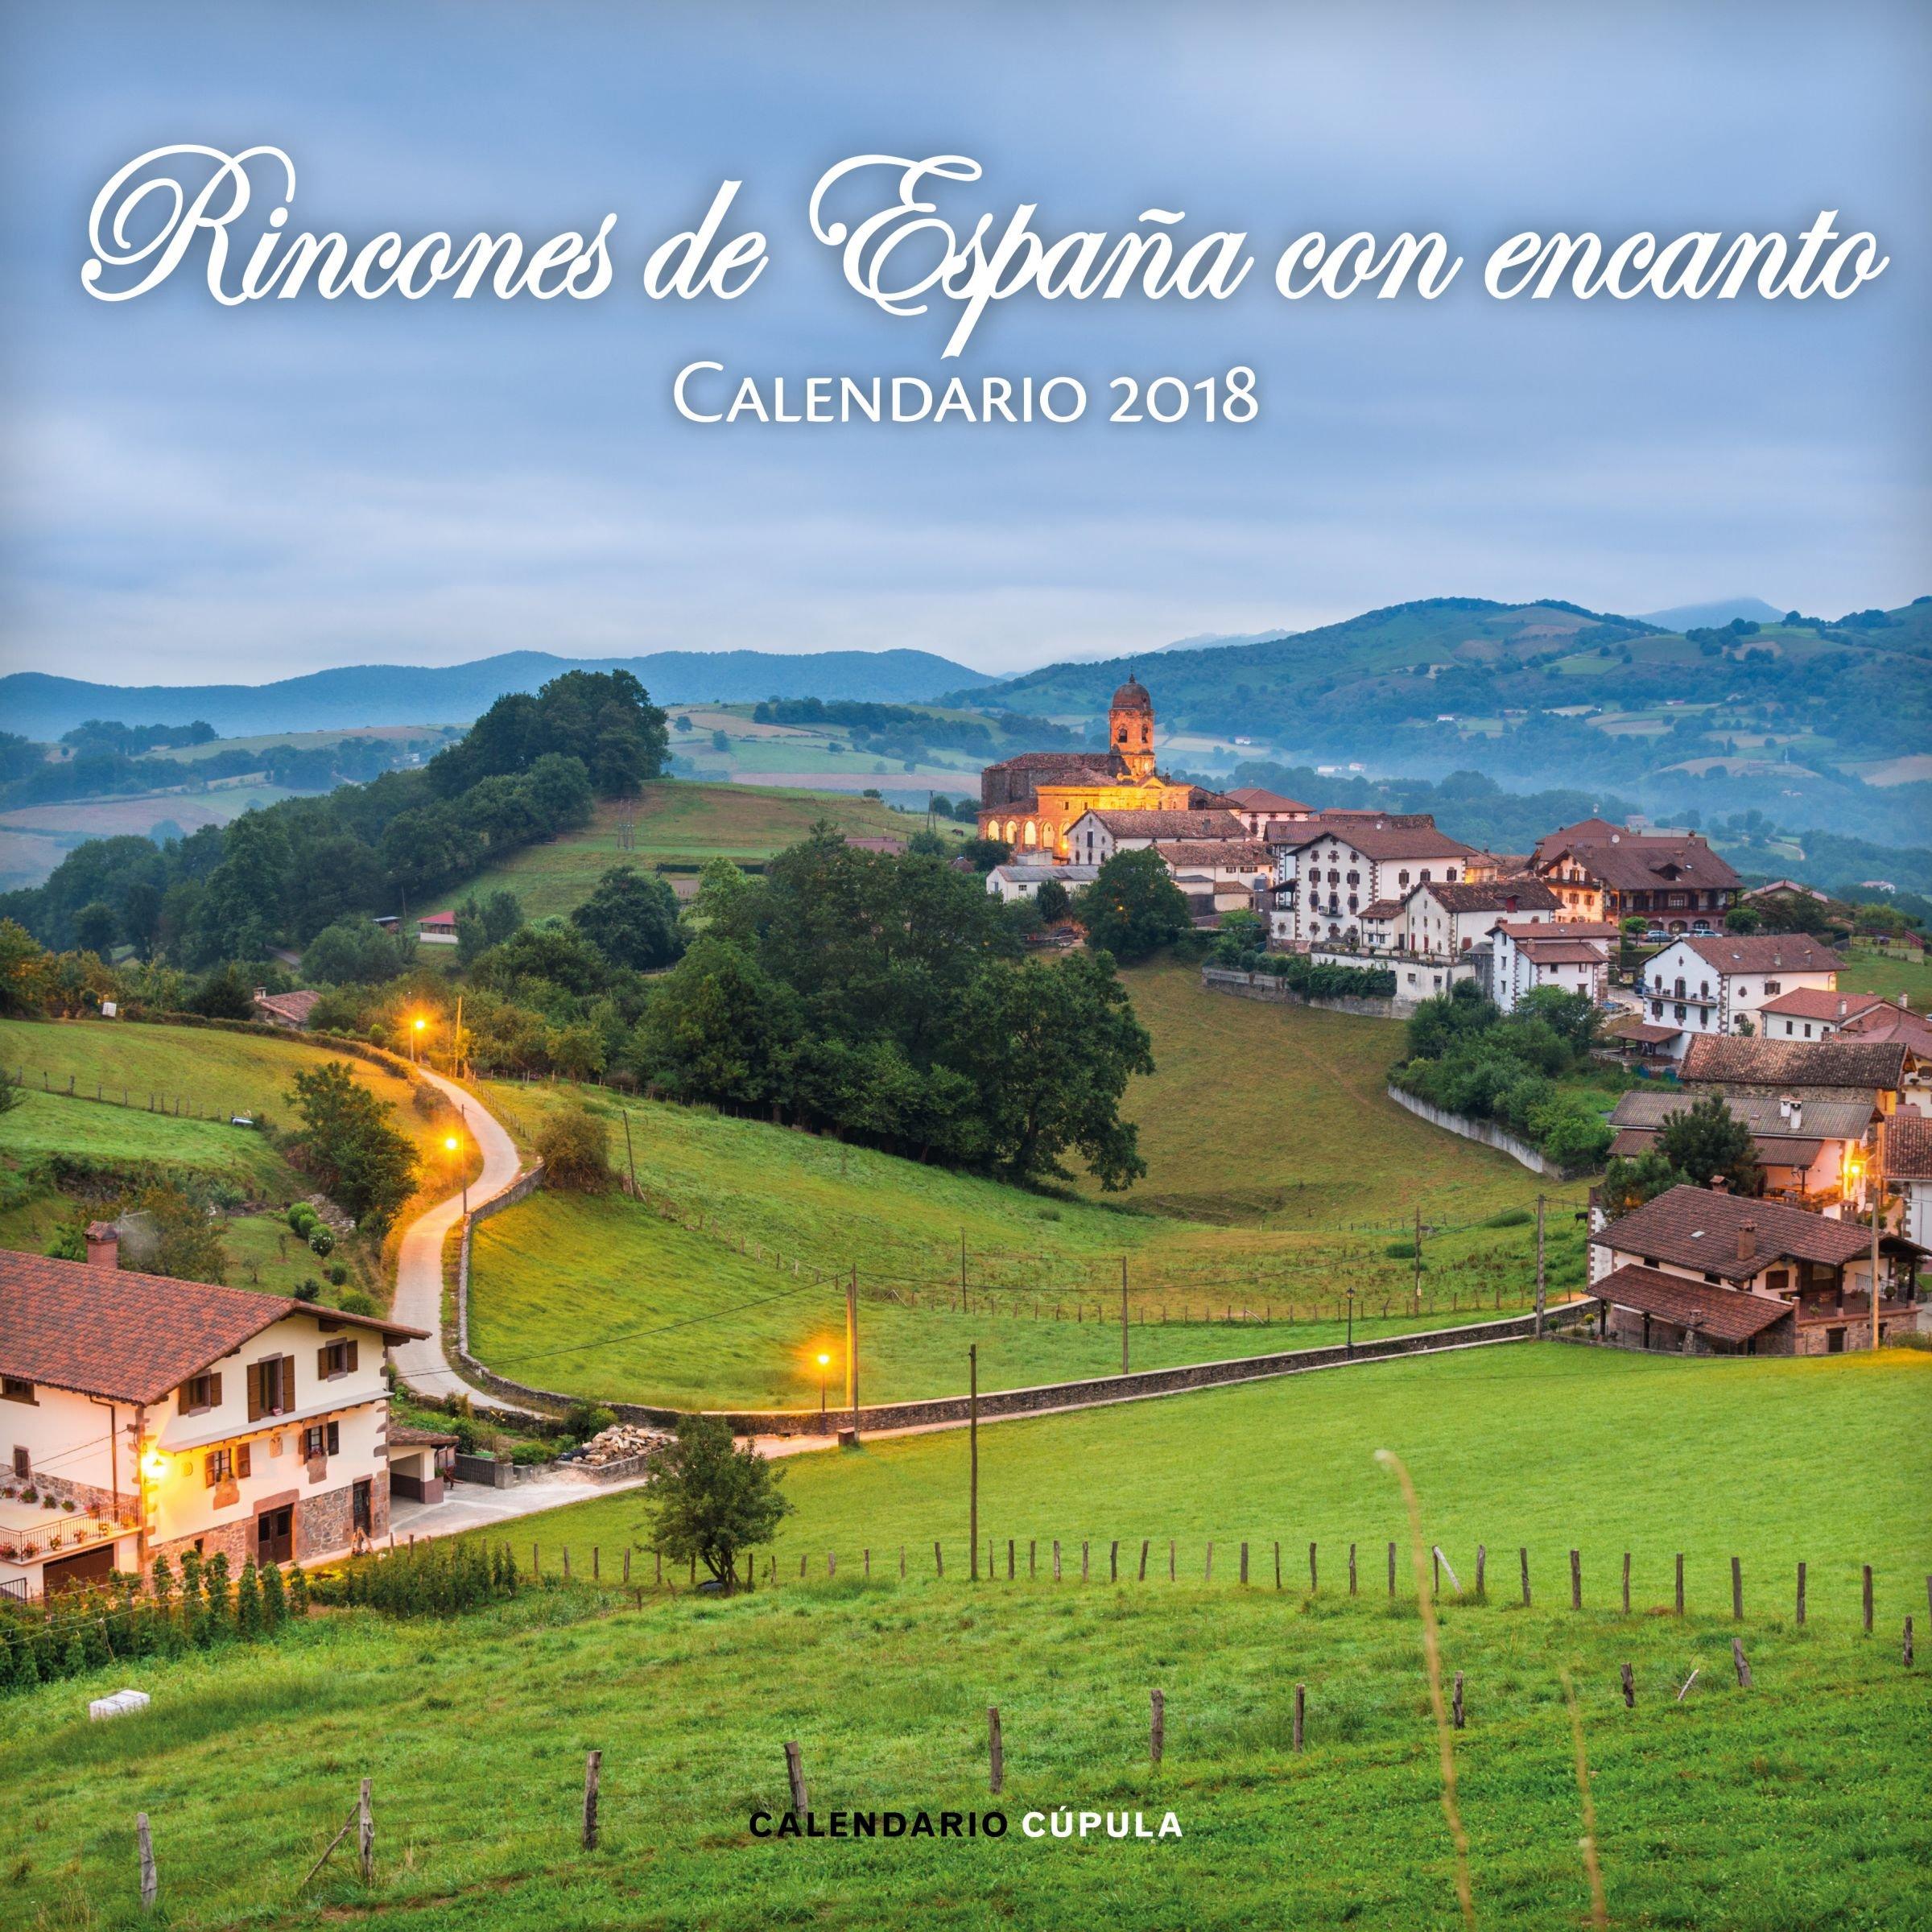 Calendario Rincones de España con encanto 2018 Calendarios y ...